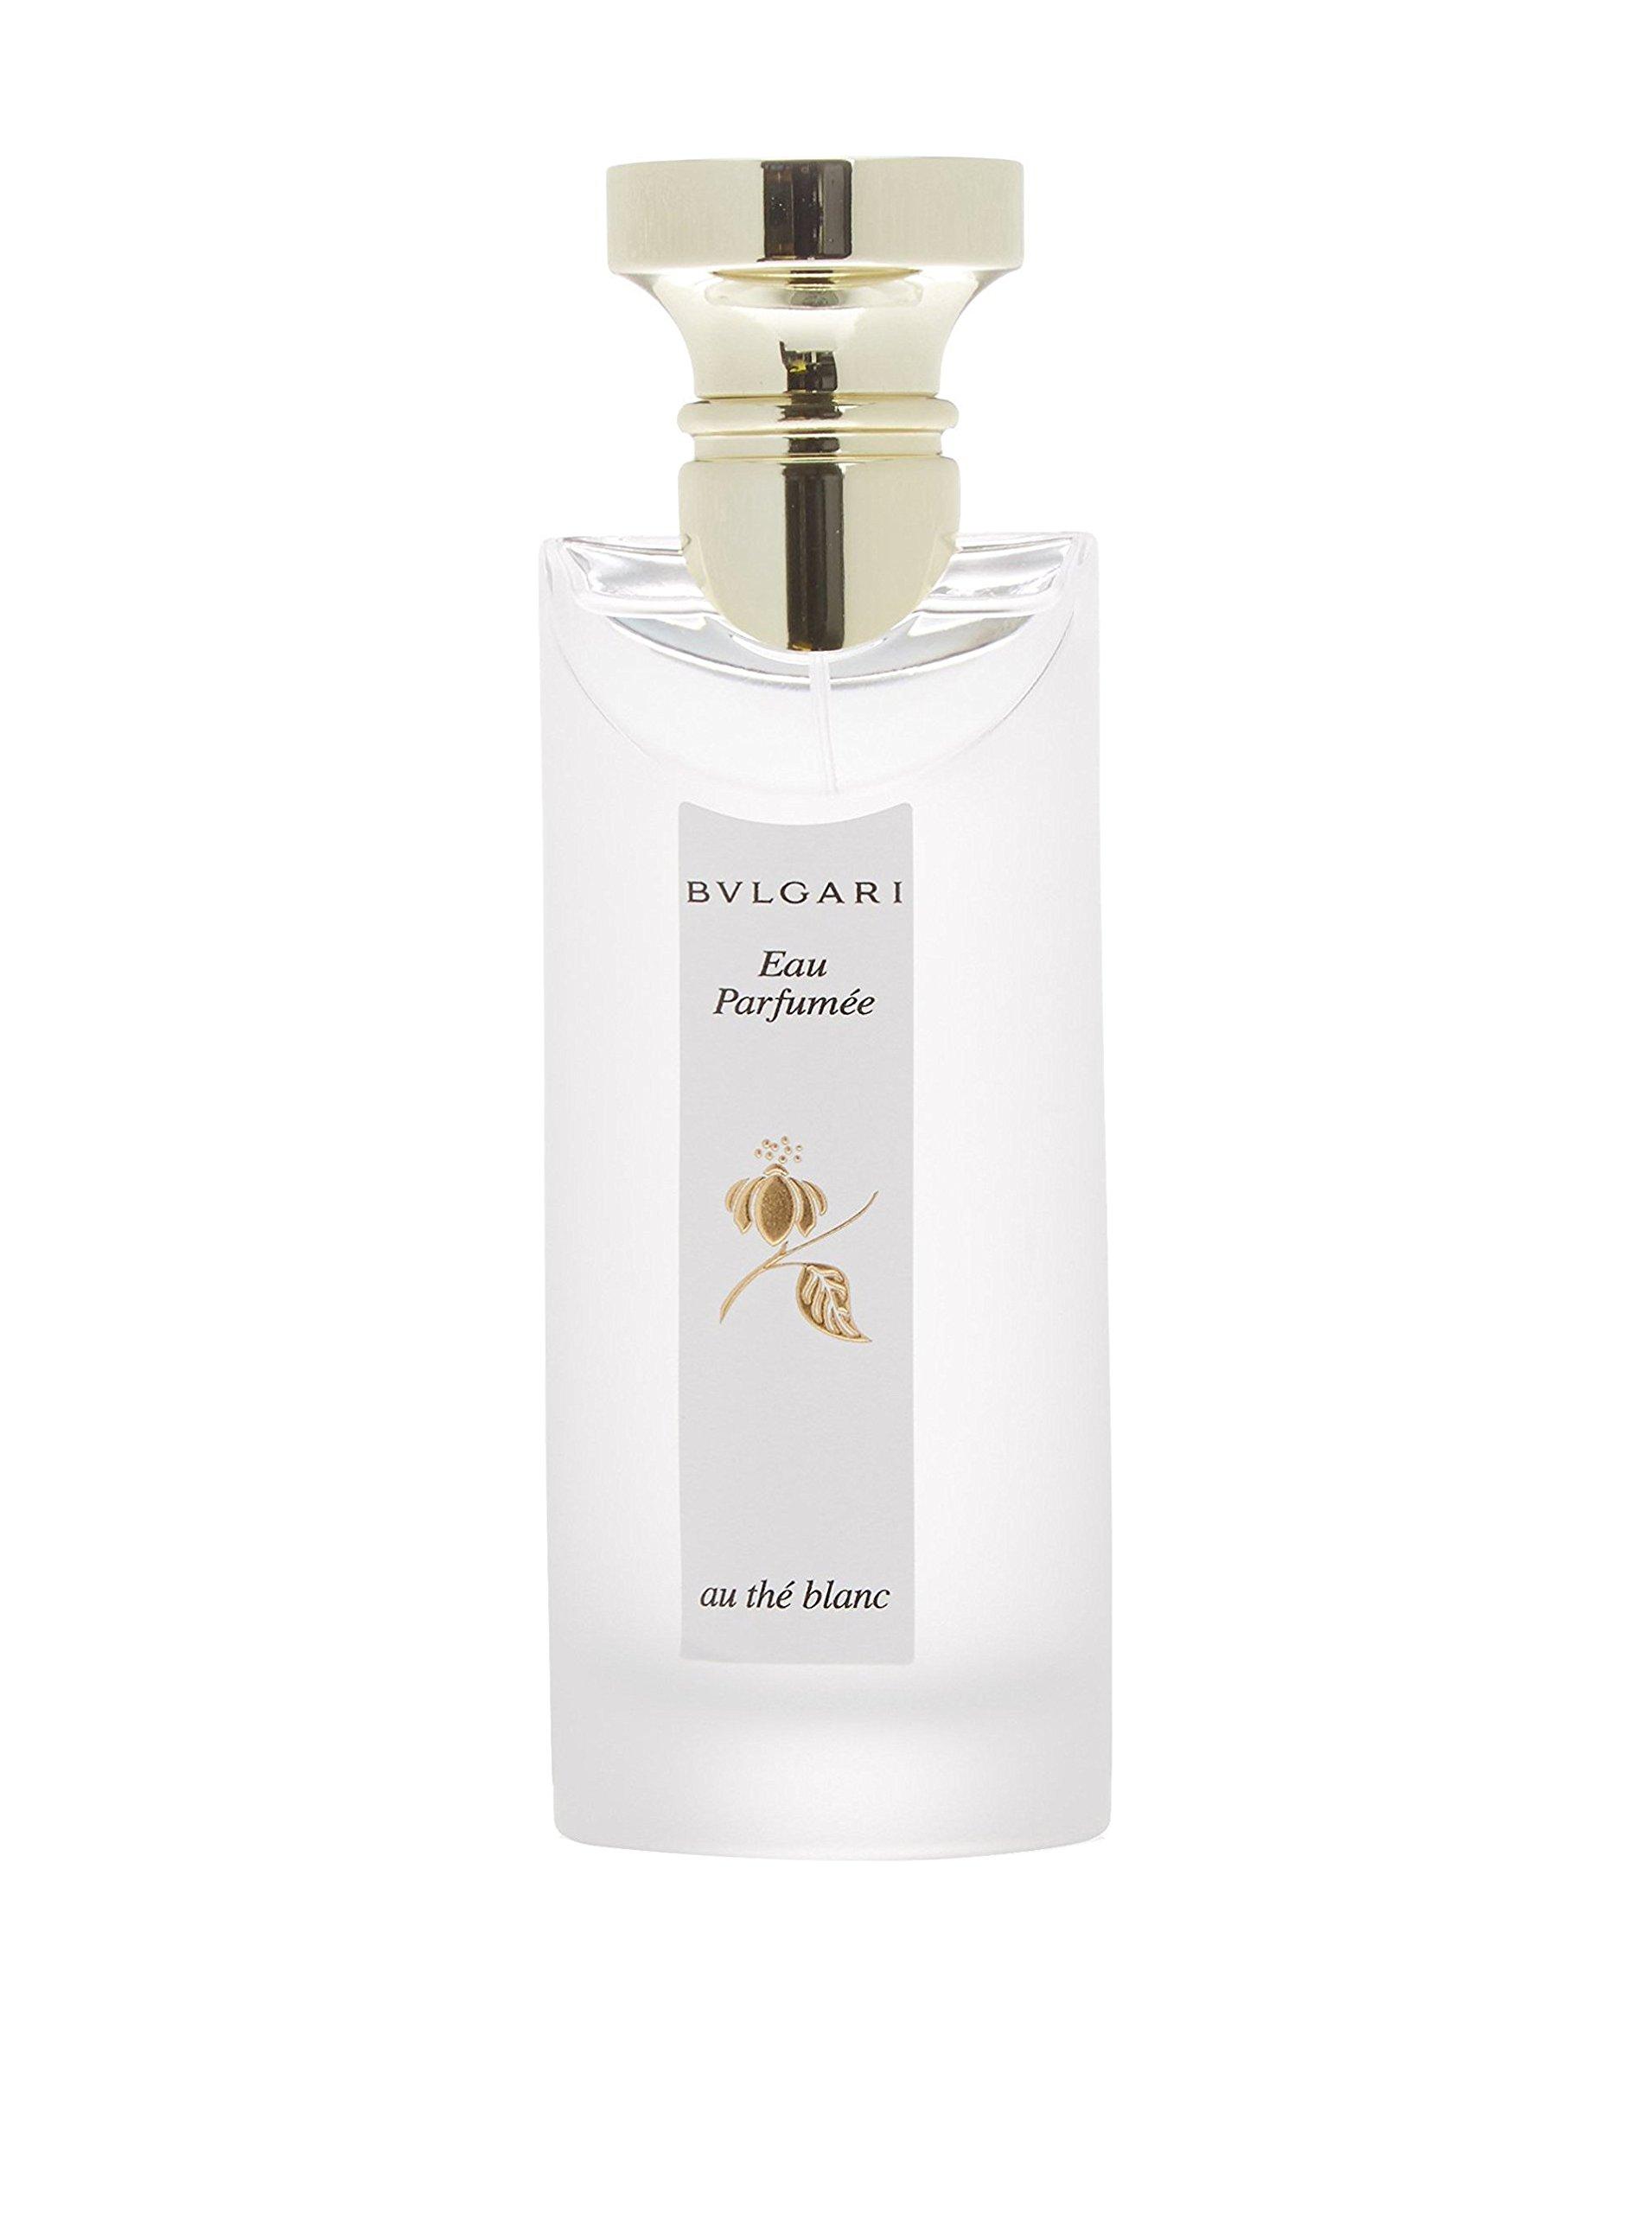 10319db654 Get Quotations · Bvlgari Eau Parfumee Au the Blanc By Bvlgari 2.5 Oz Eau De  Cologne Spray